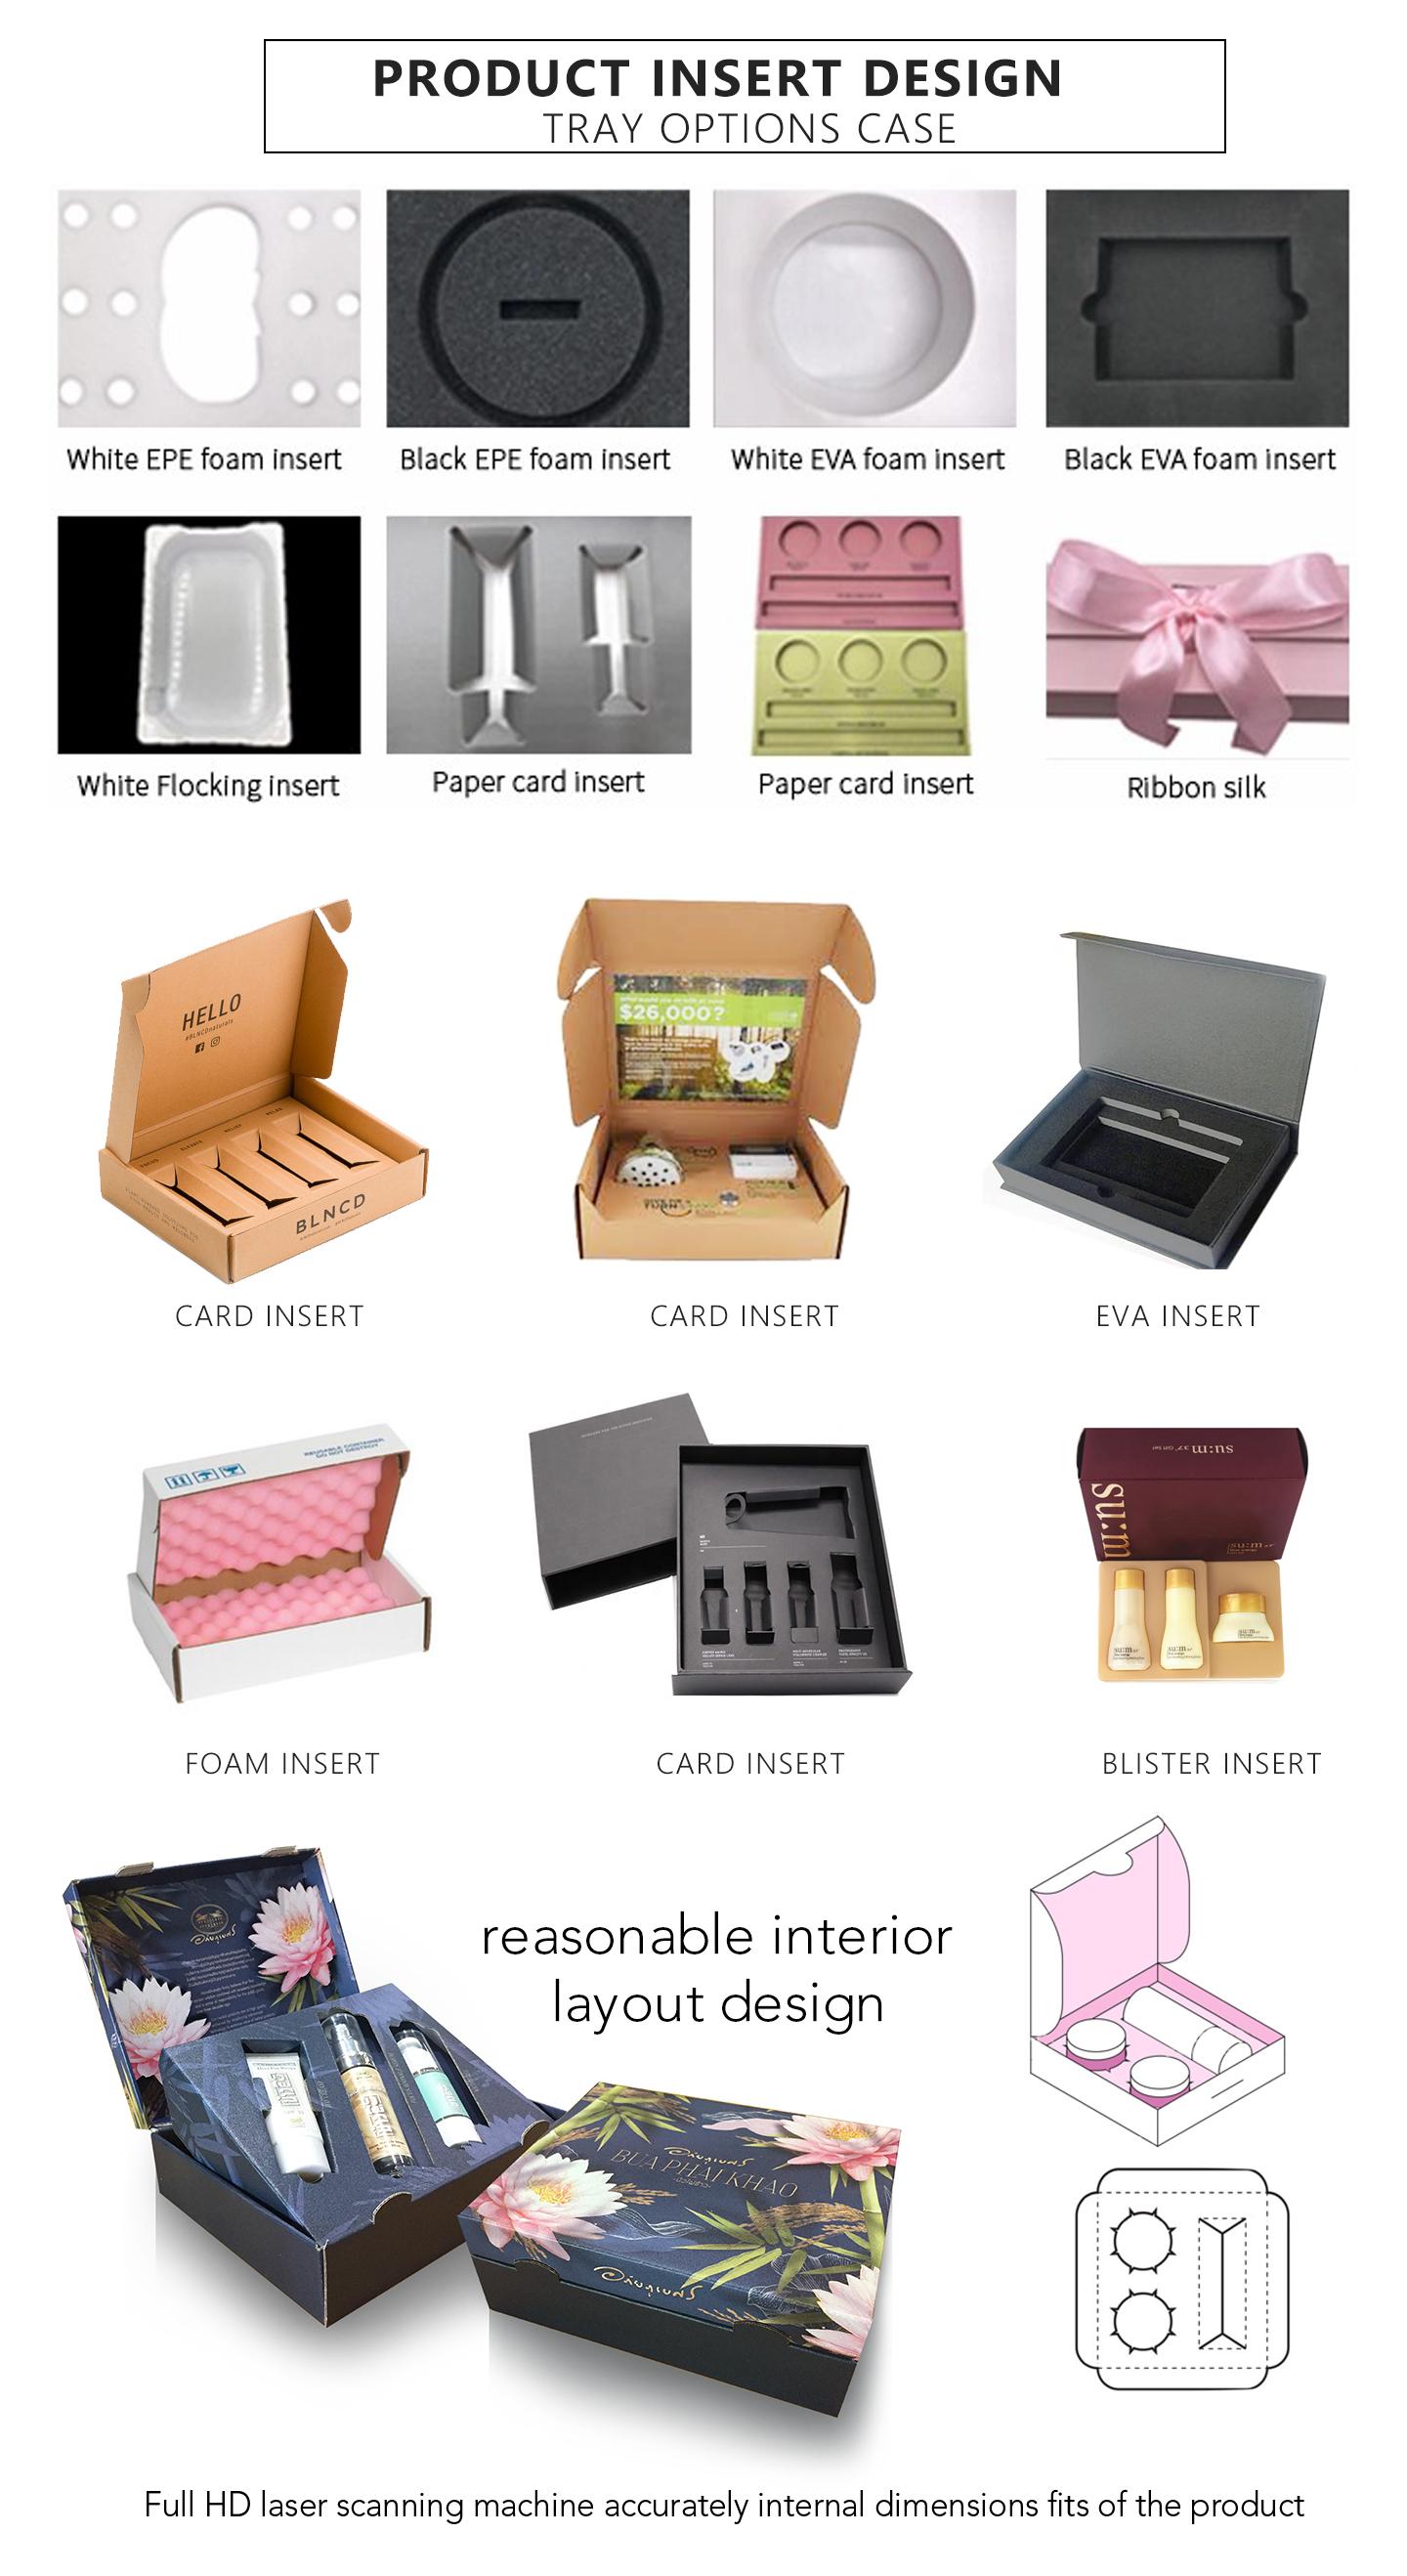 Benutzerdefinierte lip gloss verpackung box benutzerdefinierte Verpackung Bilden Kosmetischen Box für custom design service